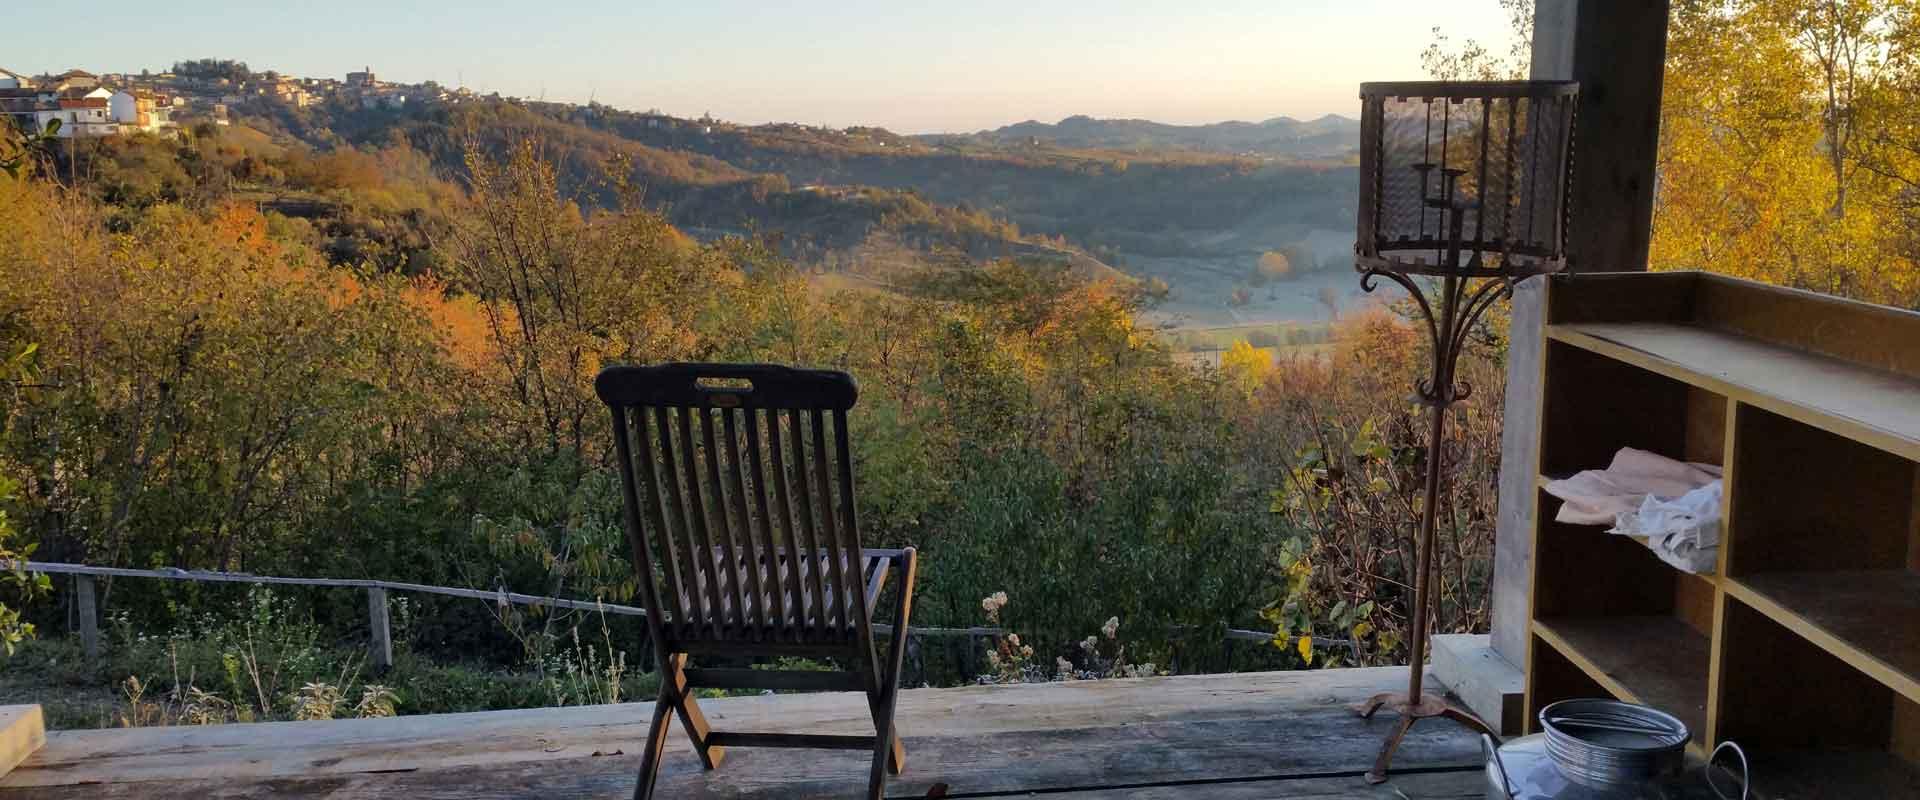 Vista collinare veranda B&B casa vacanze centro meditazione a Passerano Marmorito Asti